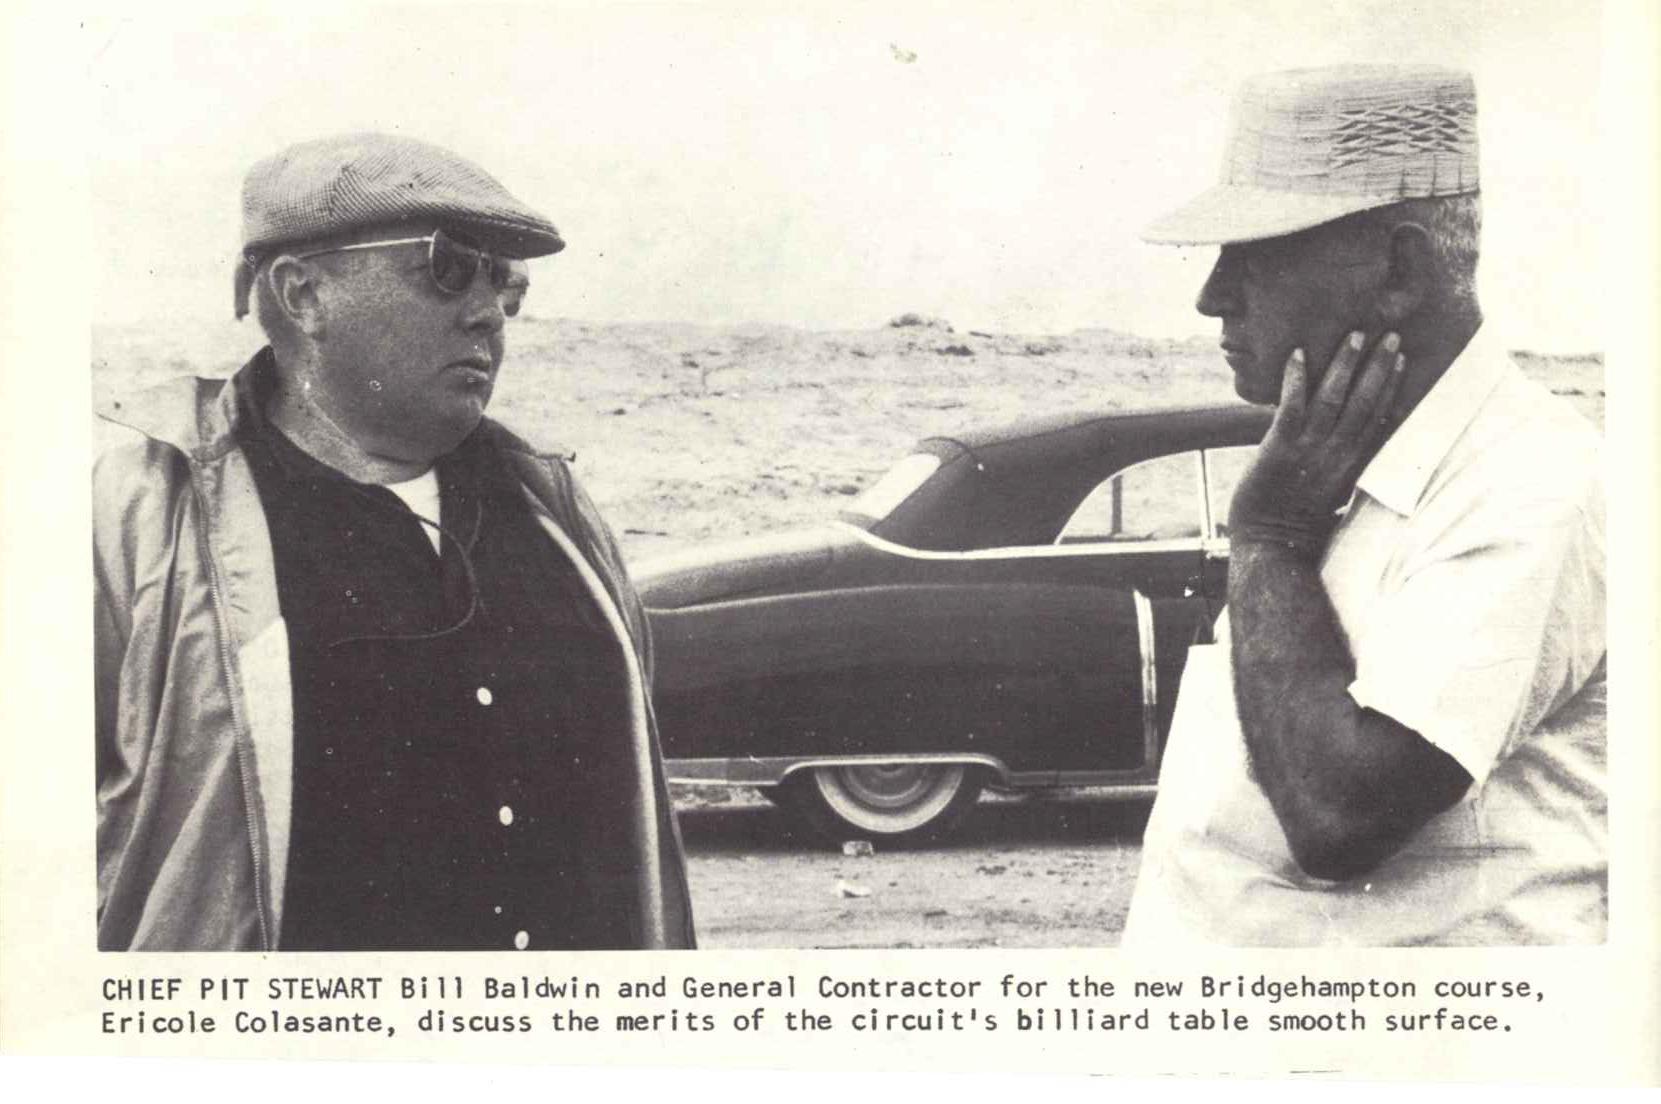 Chief Pit Stewart Bill Baldwin